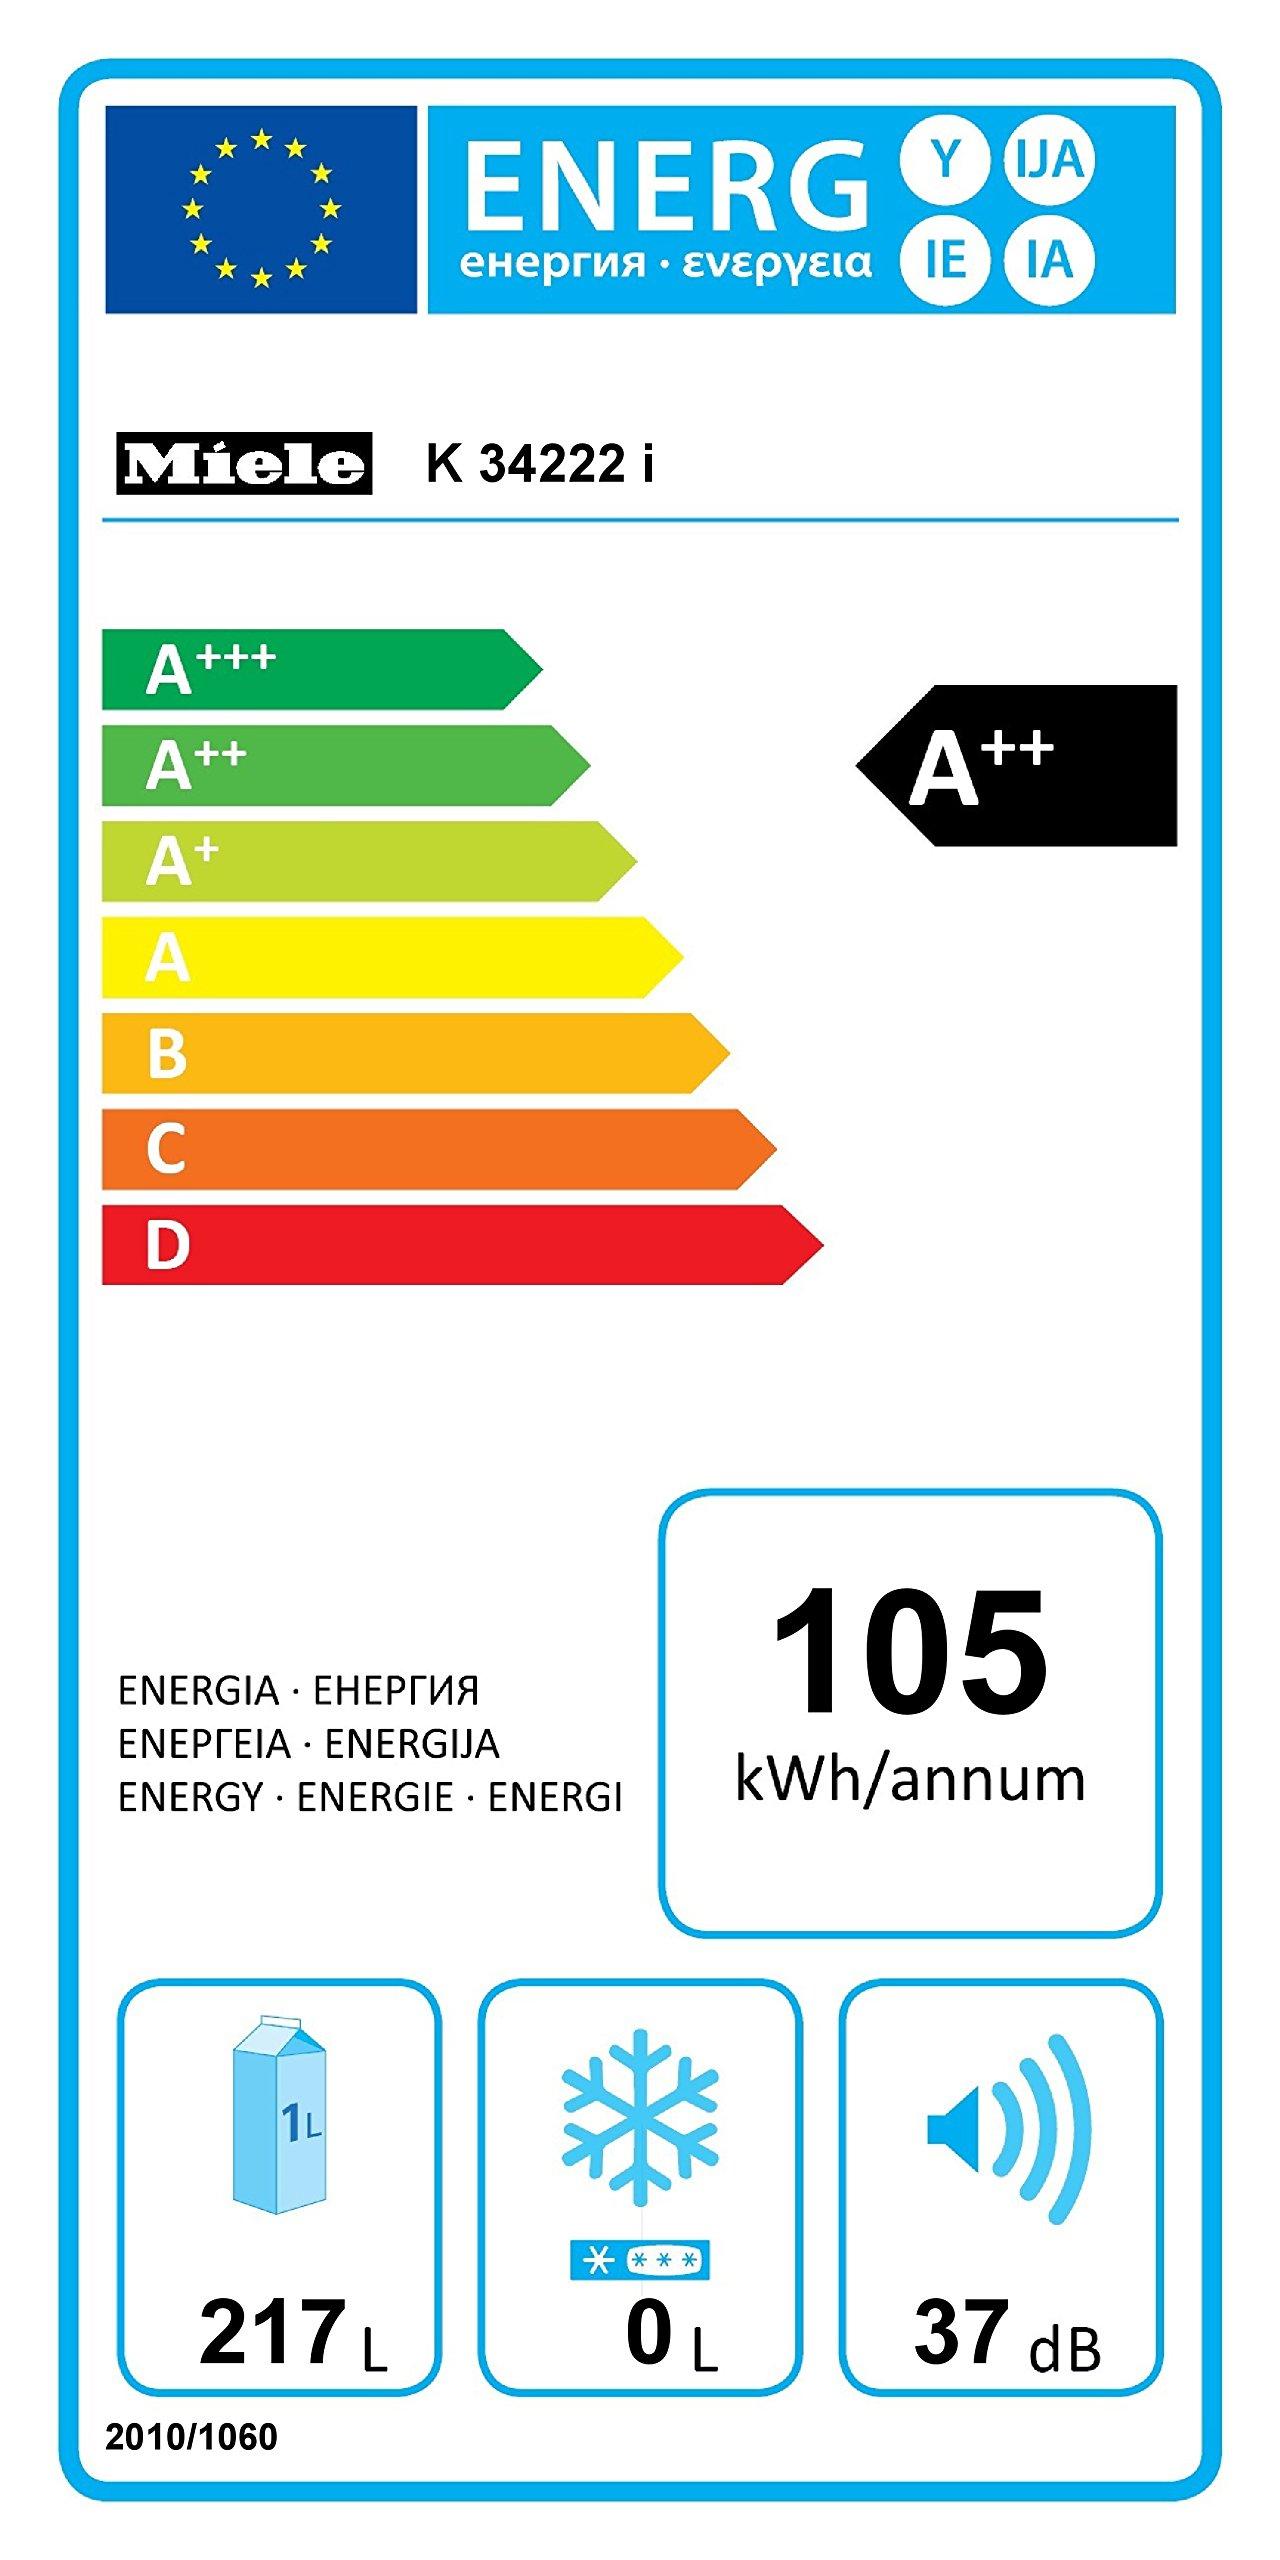 Miele K 34222 i Einbau-Kühlschrank / 122 cm hoch / 218 l Kühlzone / leichte Reinigung - ComfortClean / LED-Beleuchtung…